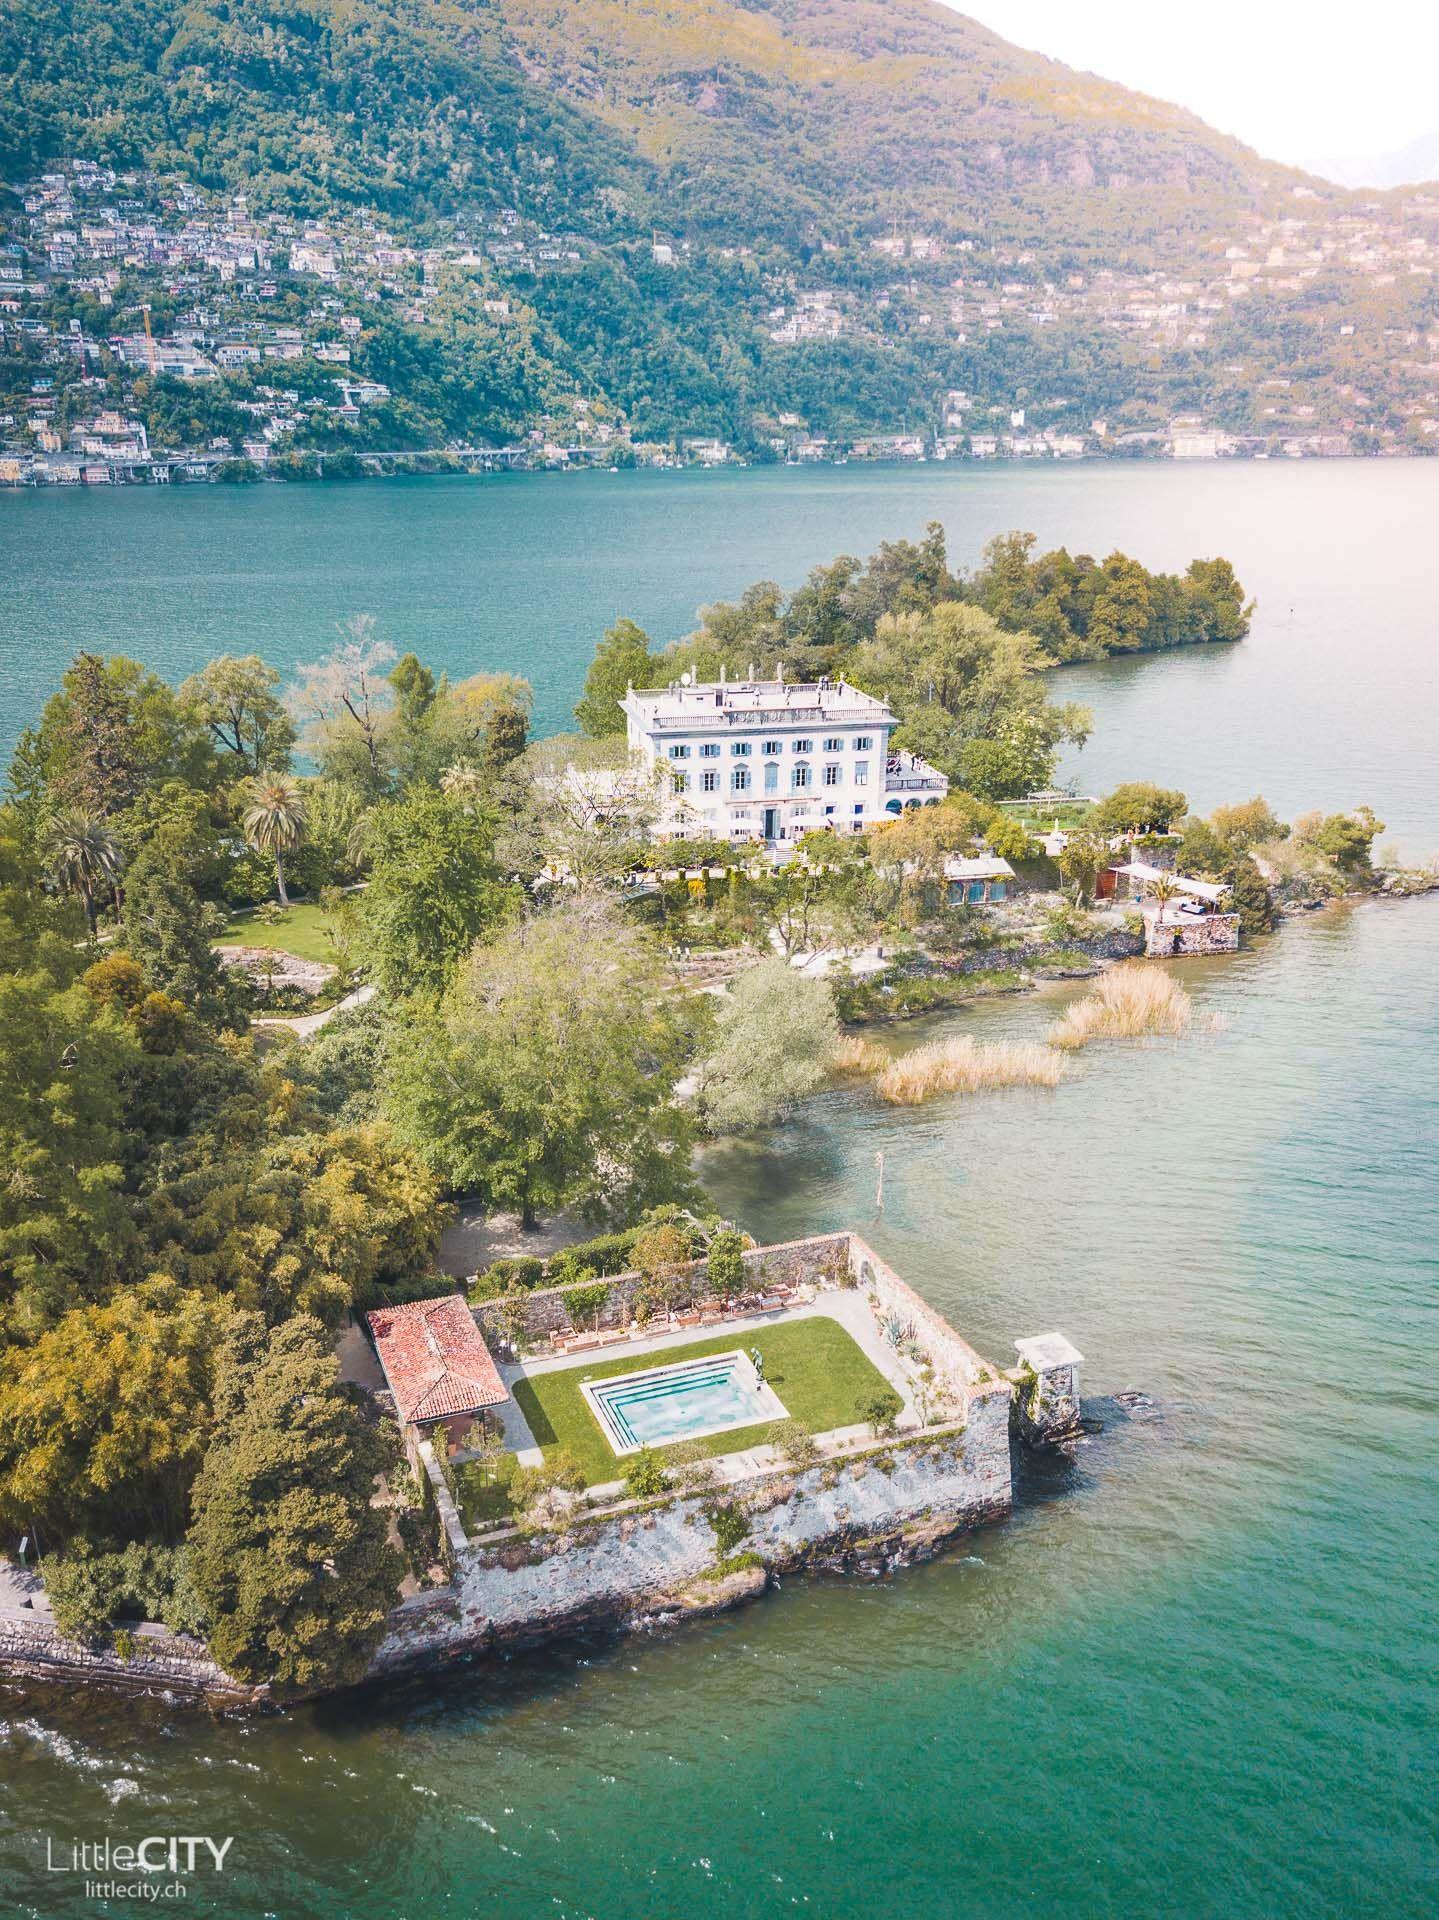 Lago Maggiore Karte Mit Orten.Brissago Inseln Auf Dem Lago Maggiore Wunderschöne Schweizer Inseln